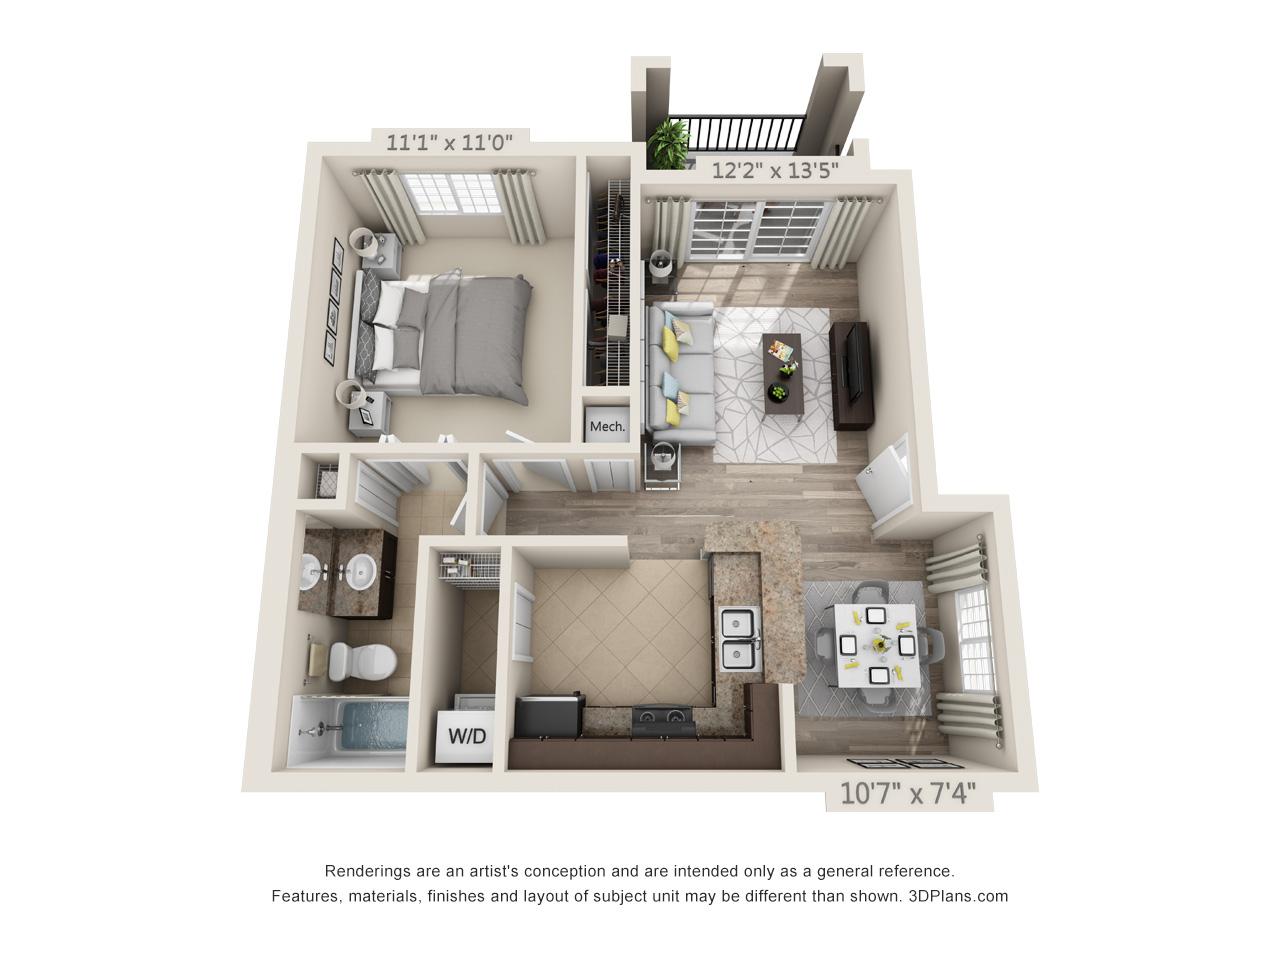 deerfield beach 1 bedroom apartments